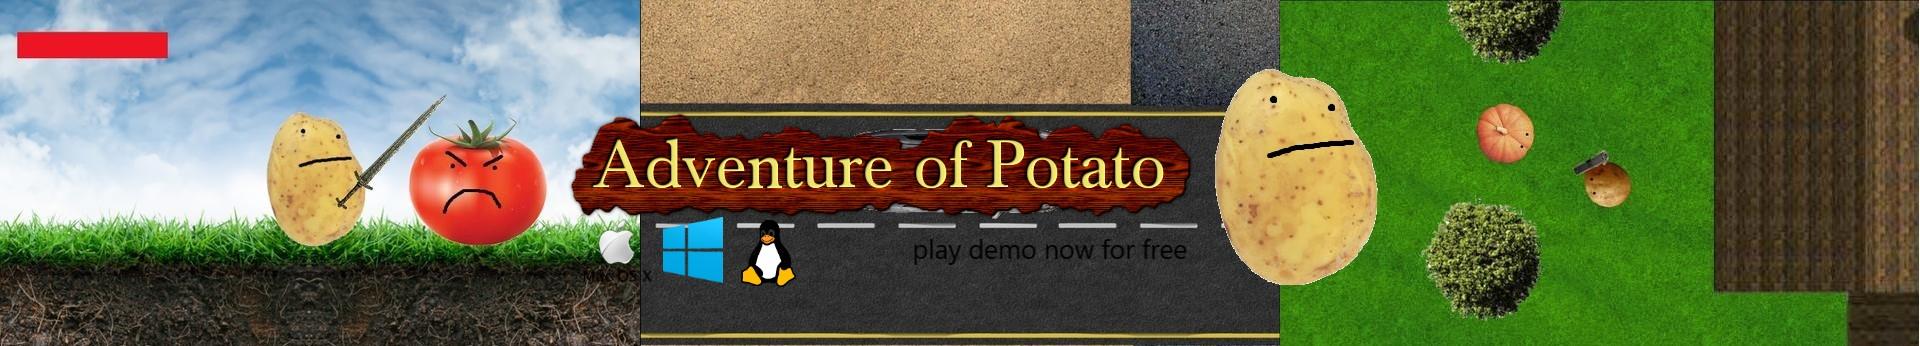 Adventure of Potato